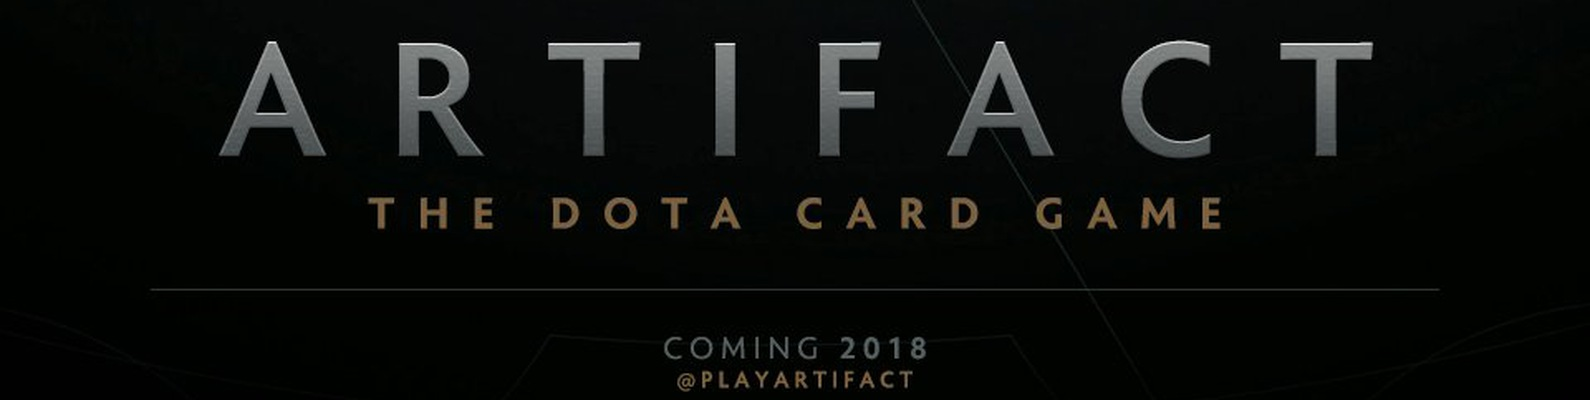 Новая игра от Valve